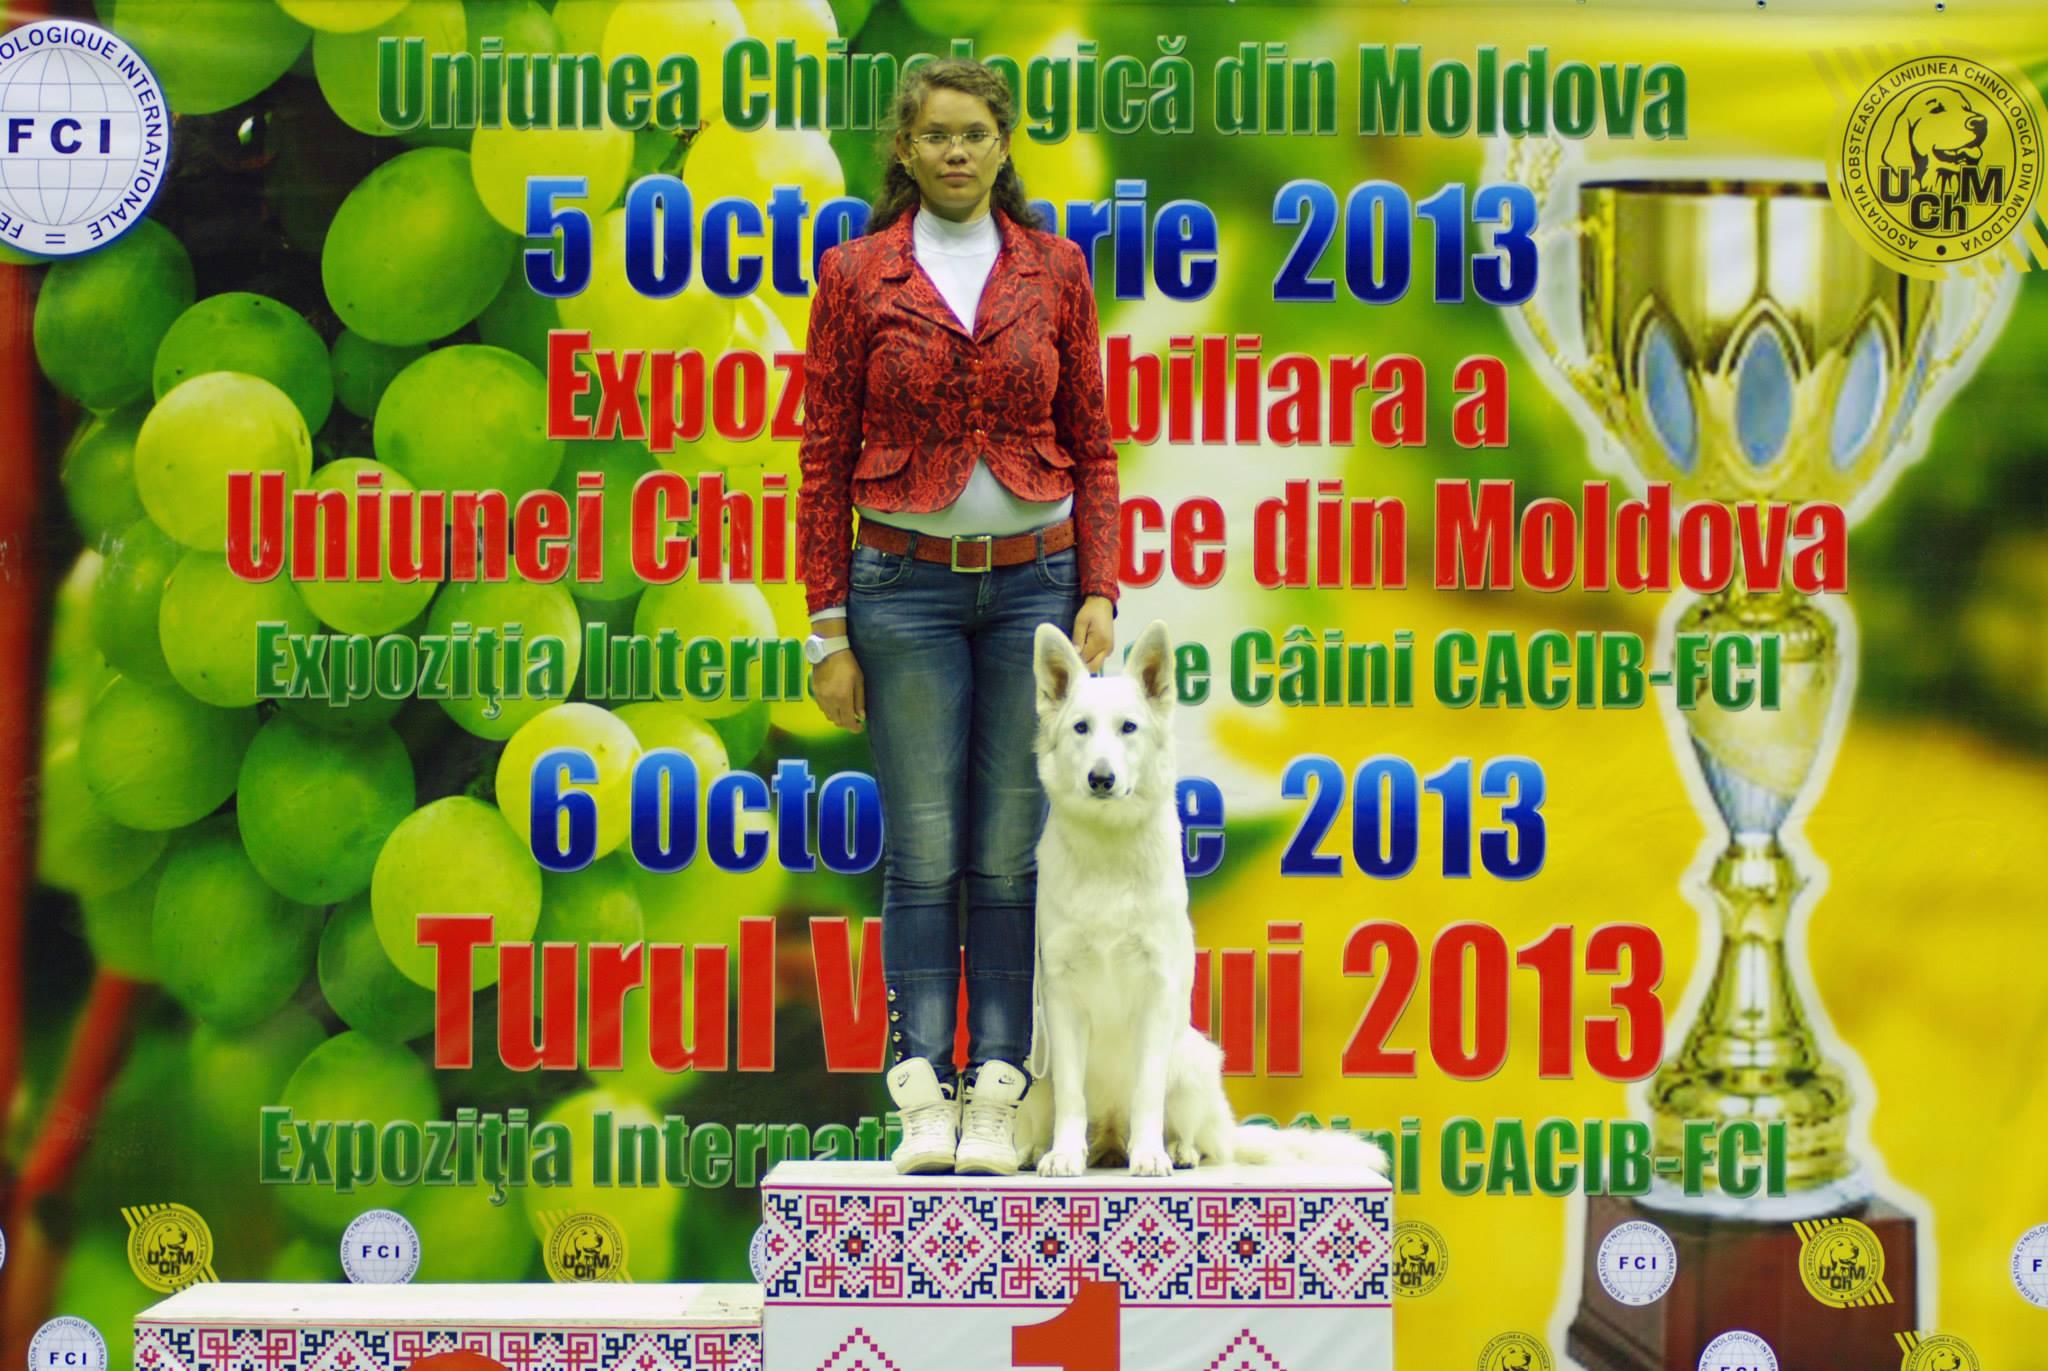 http://s7.uploads.ru/oSzKf.jpg